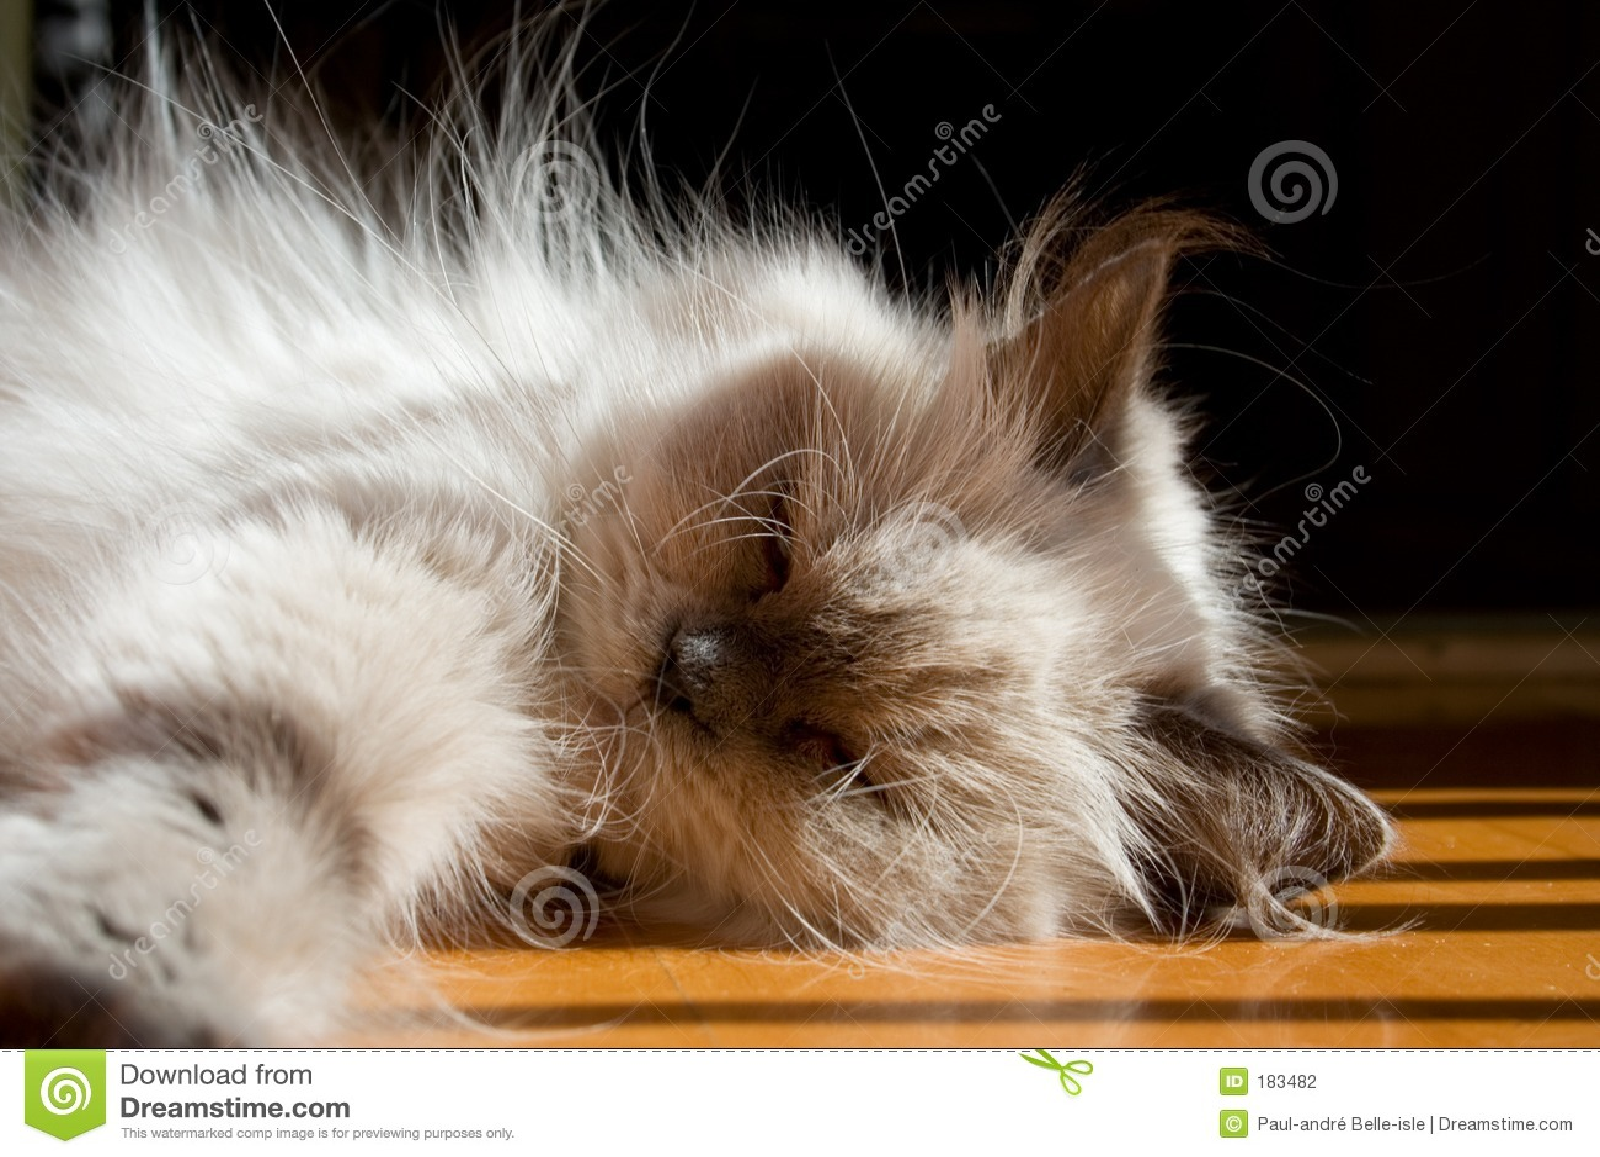 Gato himalayan de la punta azul